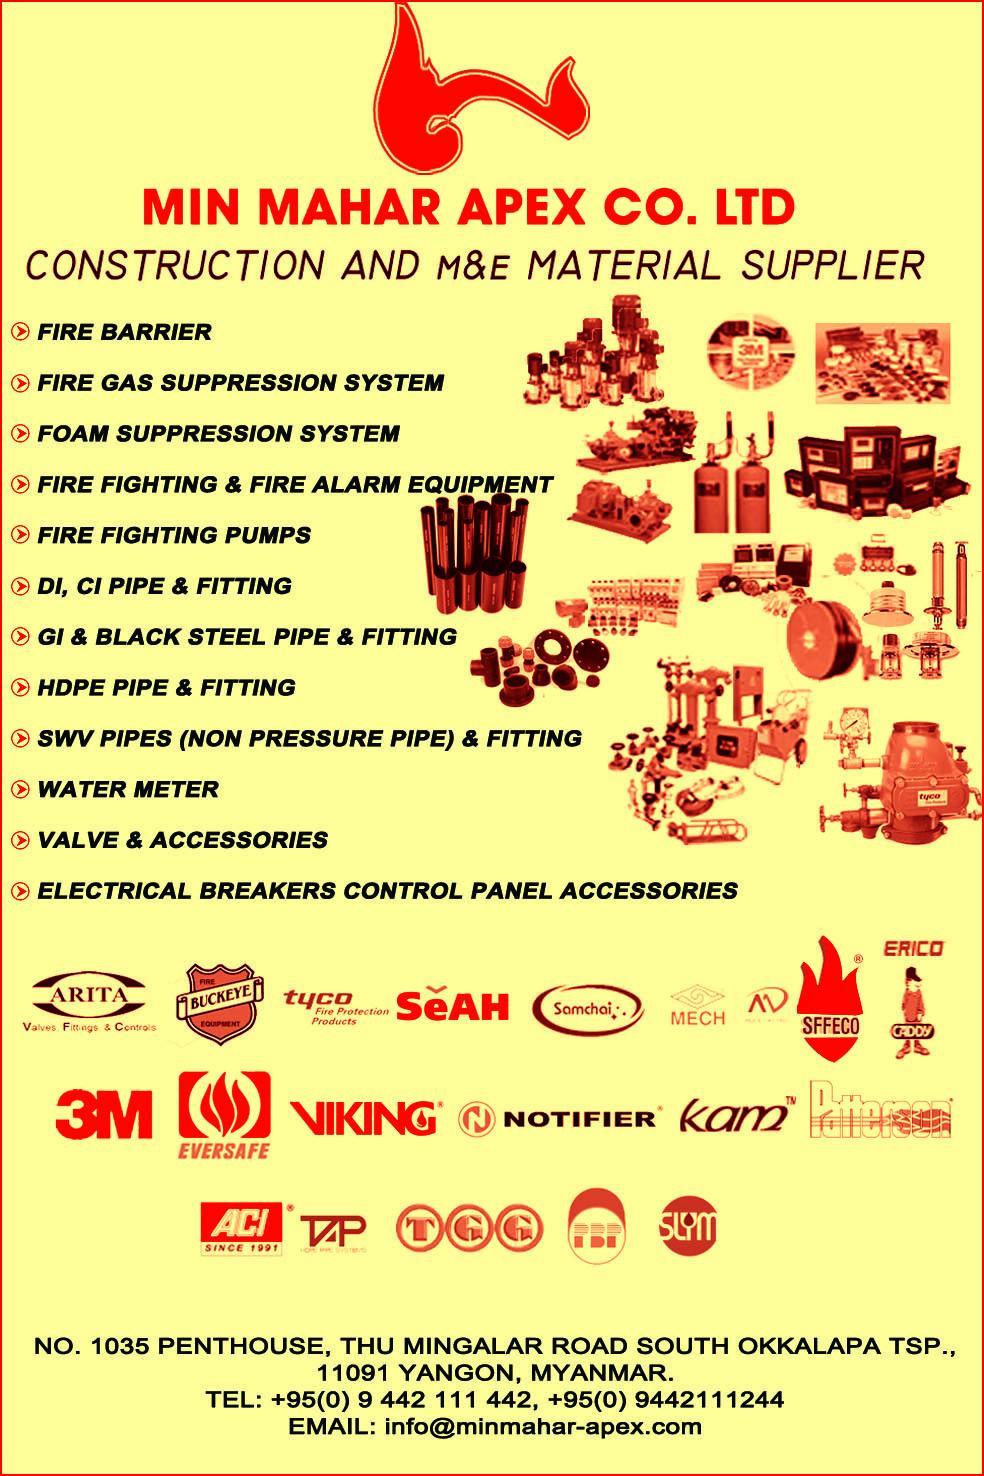 Min Mahar Apex Co , Ltd  - Fire Extinguishers & Fire